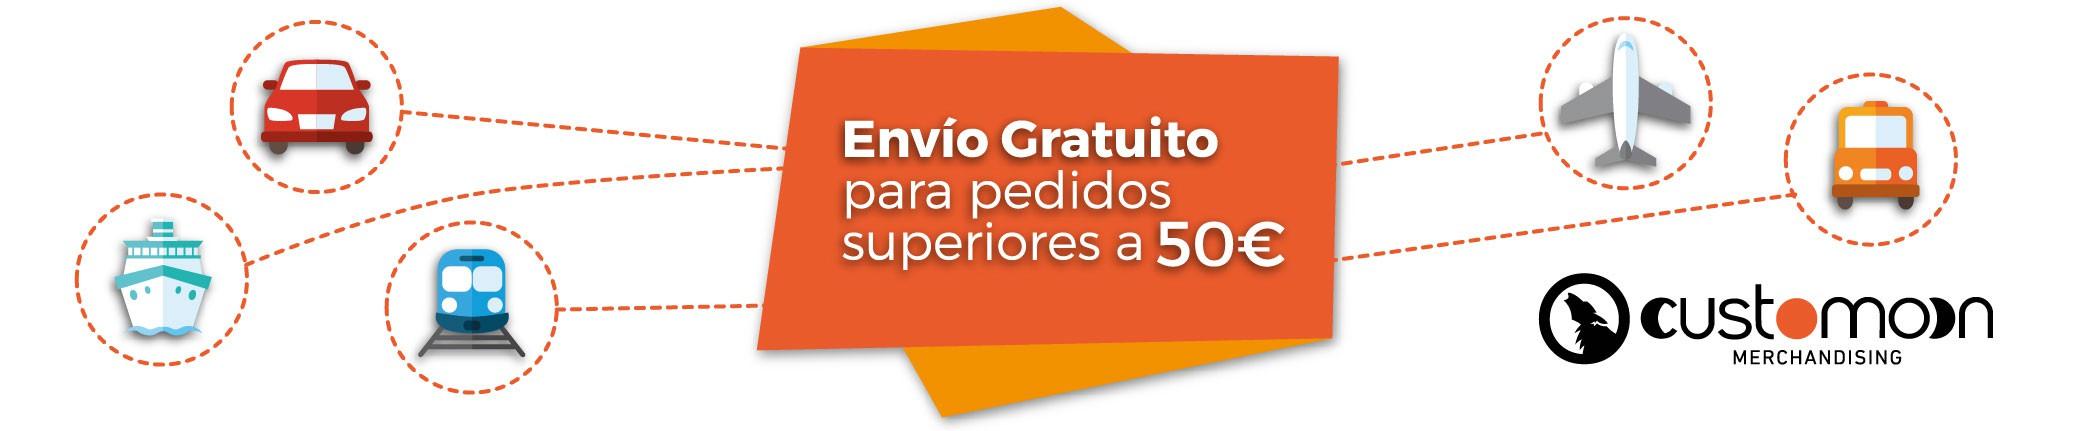 Envío gratuito para compras superiores a 50 euros